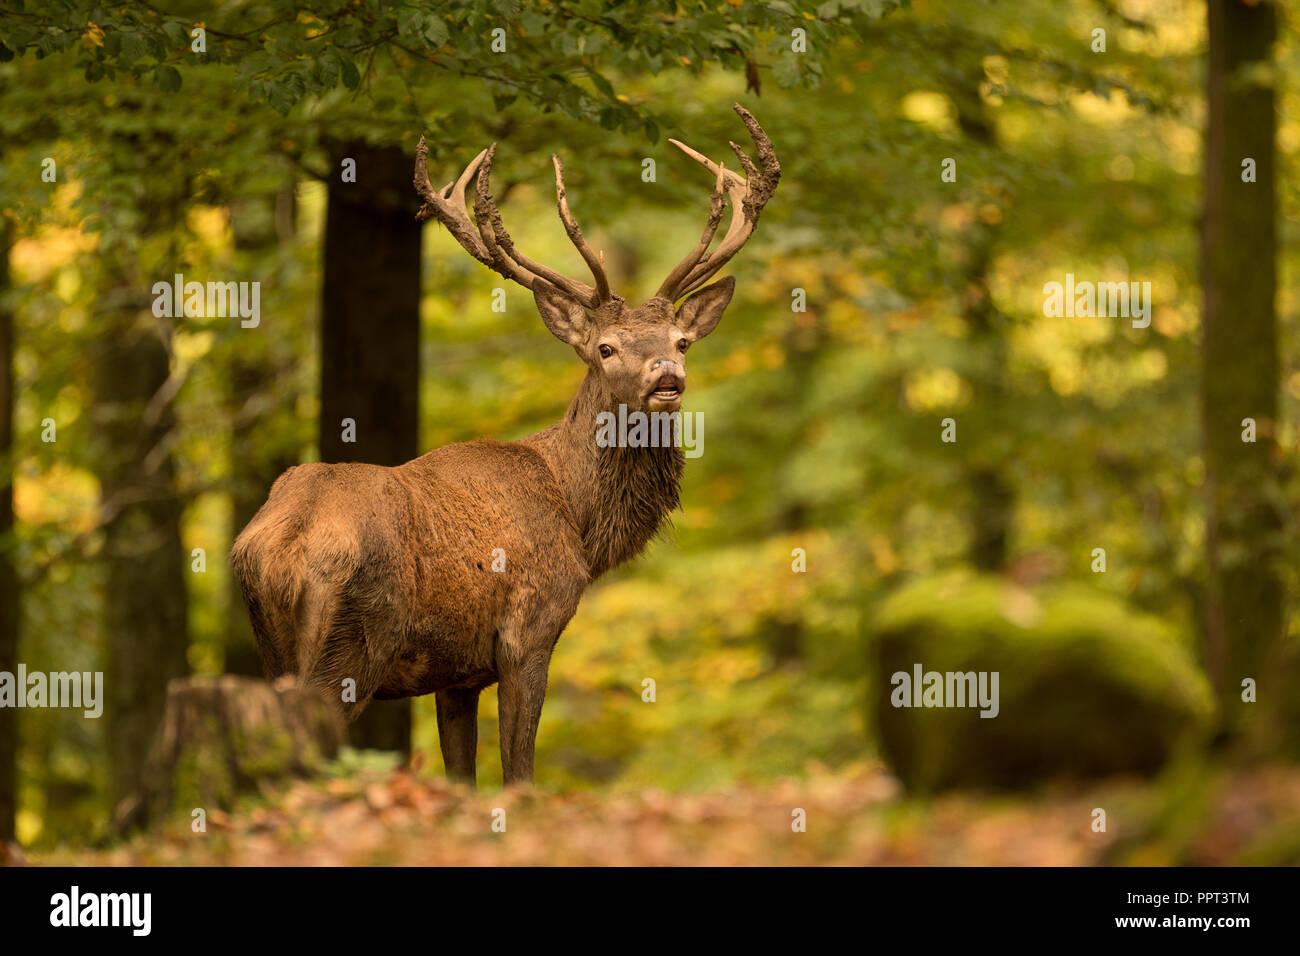 Rothirsch (Cervus elaphus), Brunft, Rotwild, Herbst, Laubwald, Daun, Rheinland-Pfalz, Deutschland Stock Photo